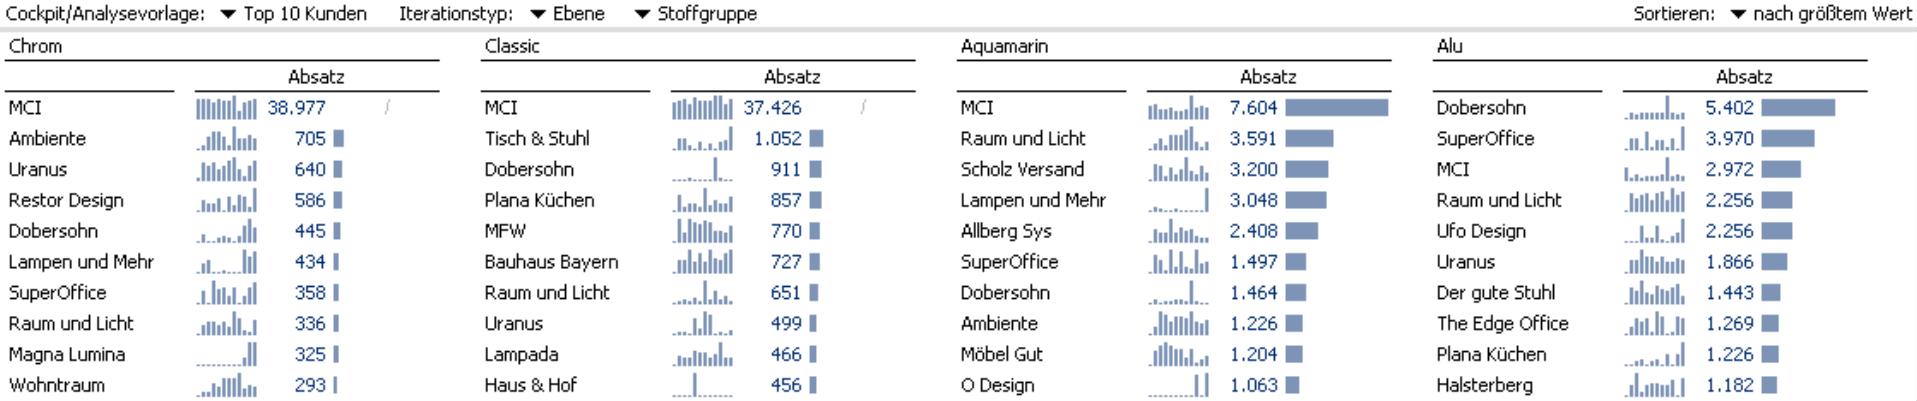 Small Multiples für jede der vier Stoffgruppen (Chrom, Classic, Aquamarin, Alu), Top 10 Kunden nach Absatz